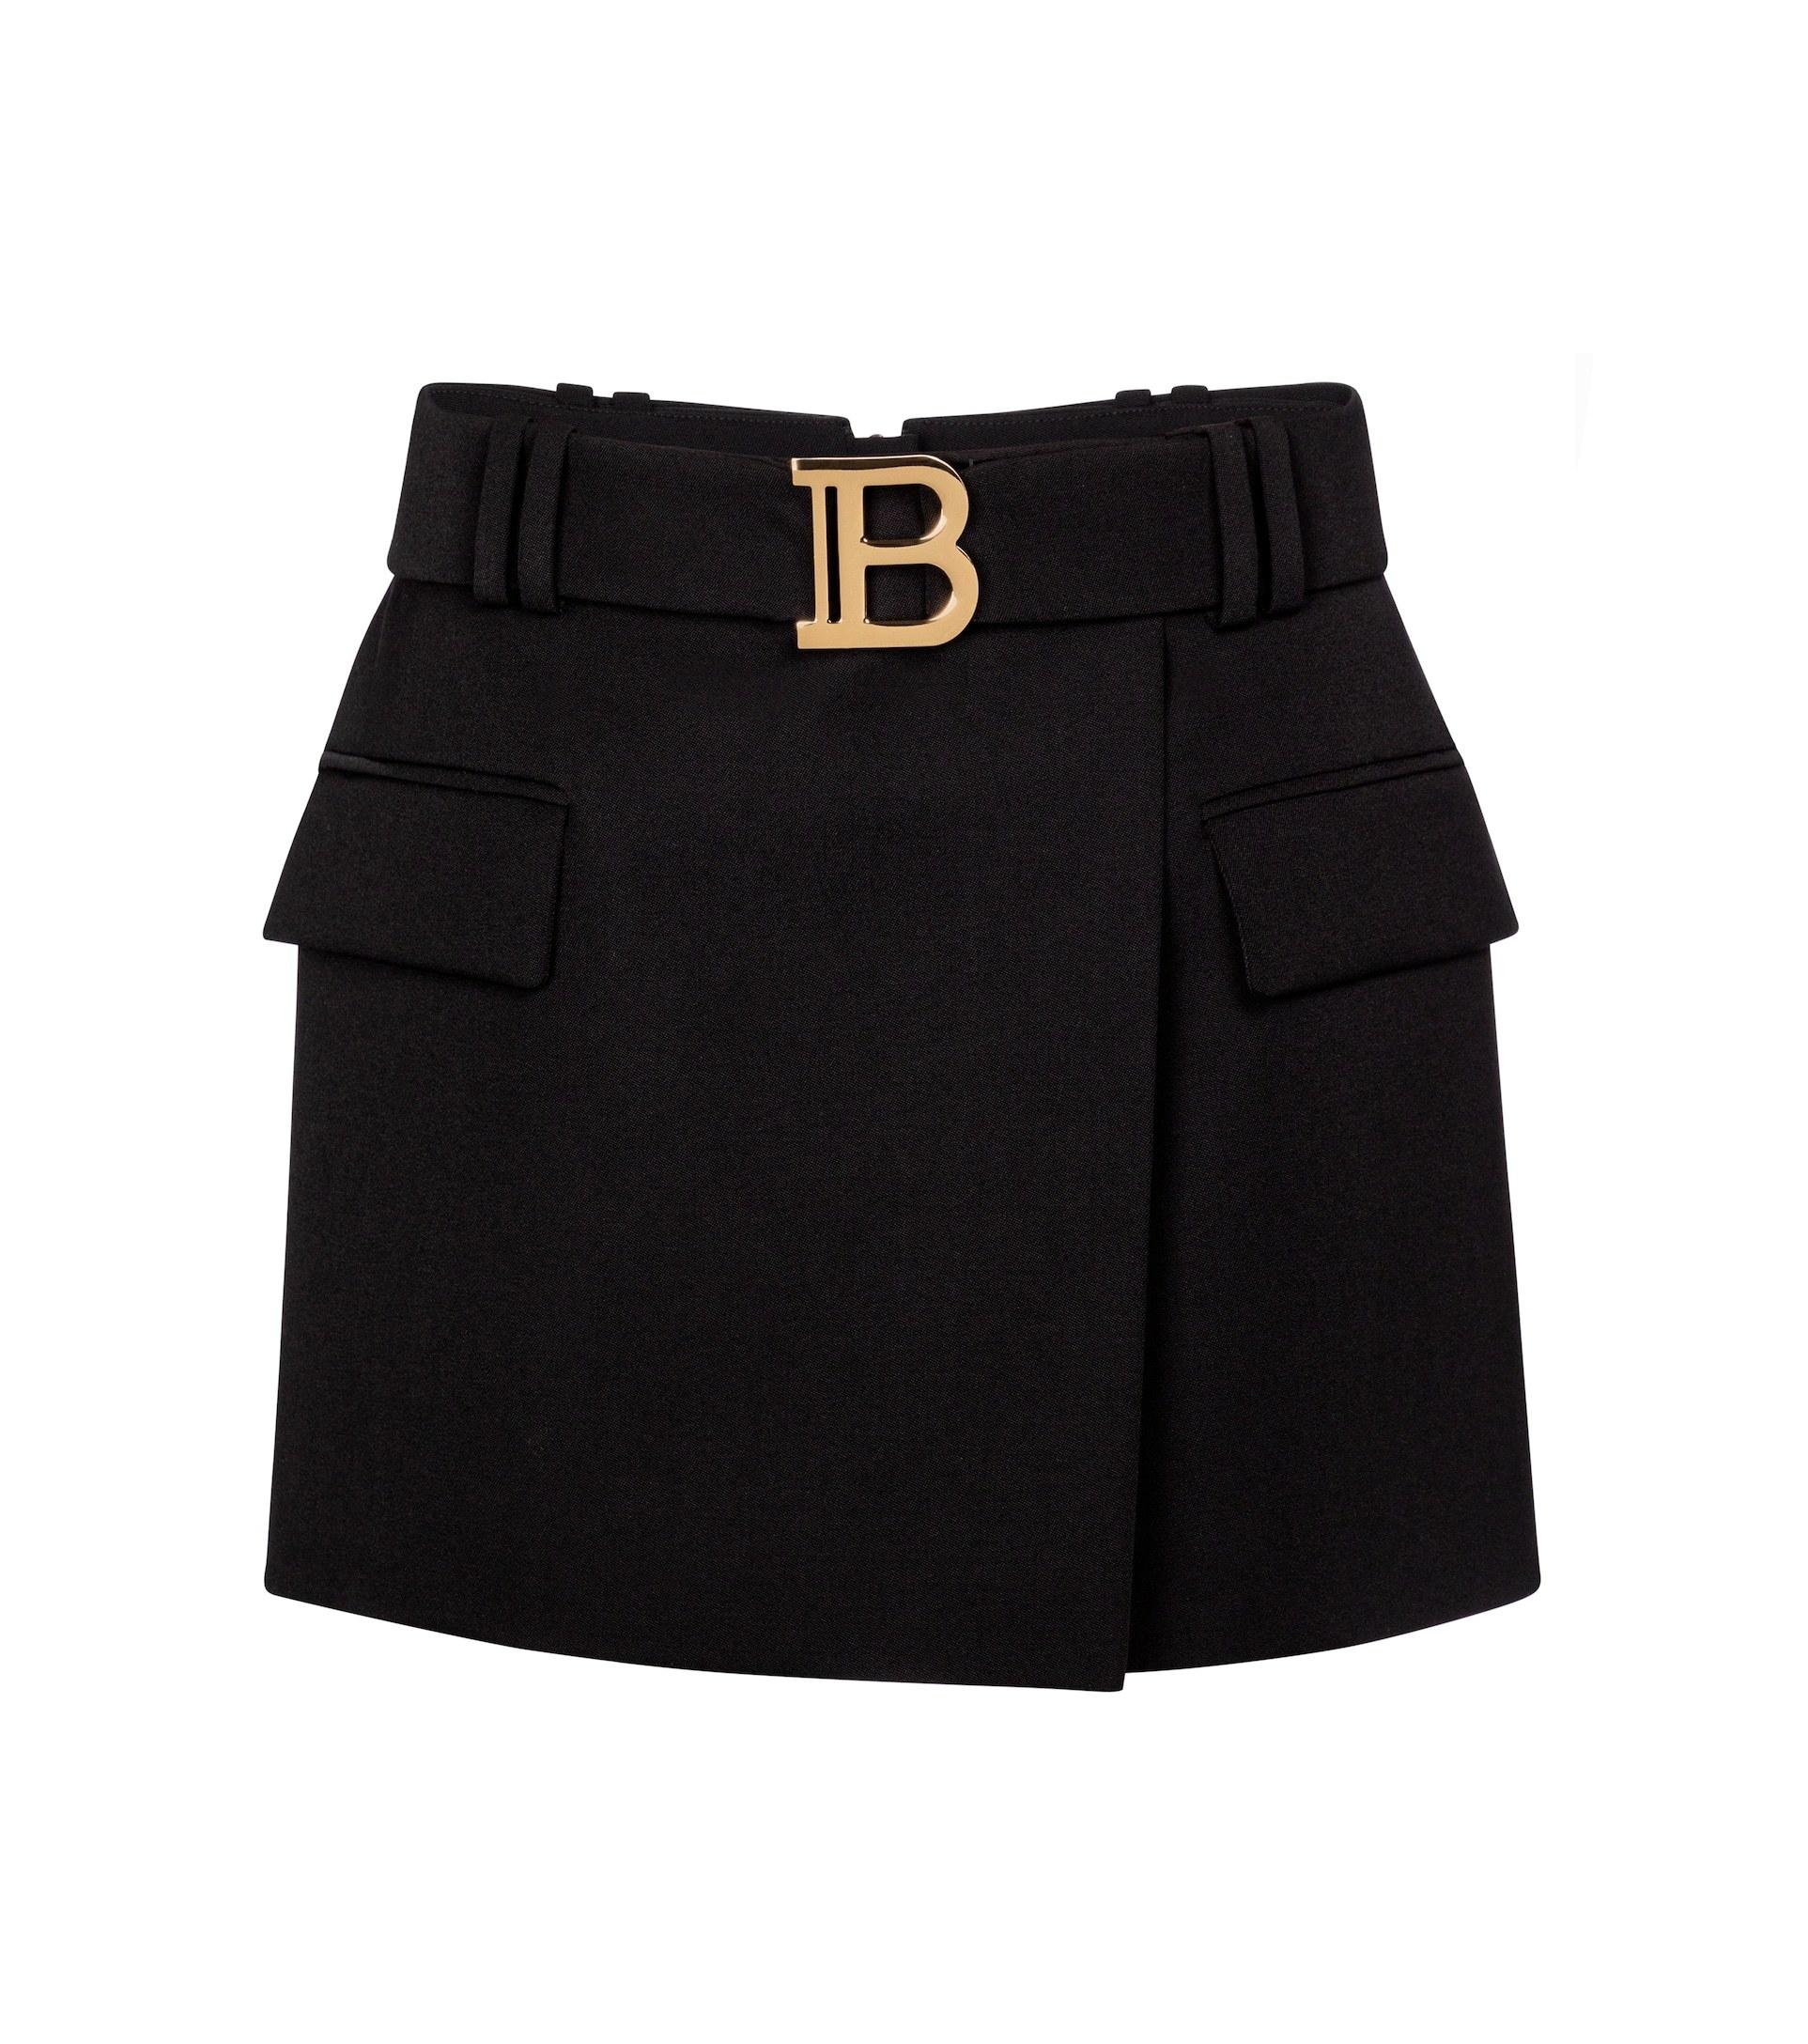 Minifalda de Balmain.